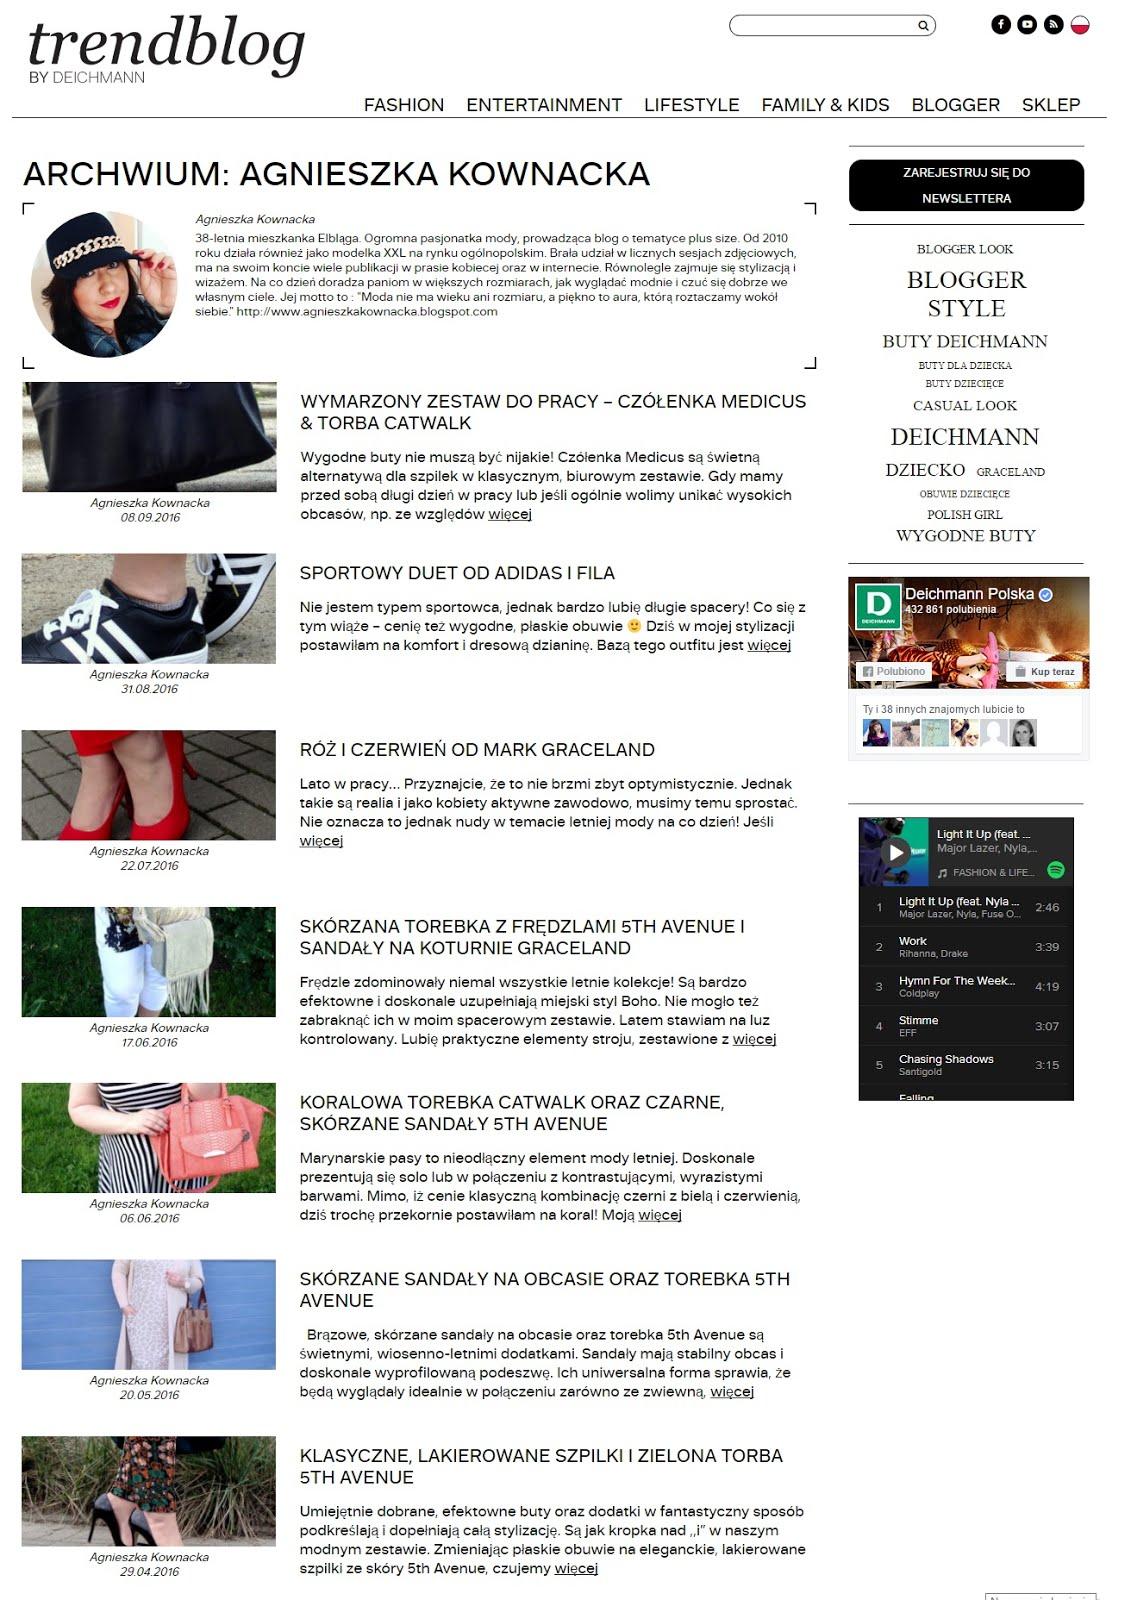 Trendblog by Deichmann